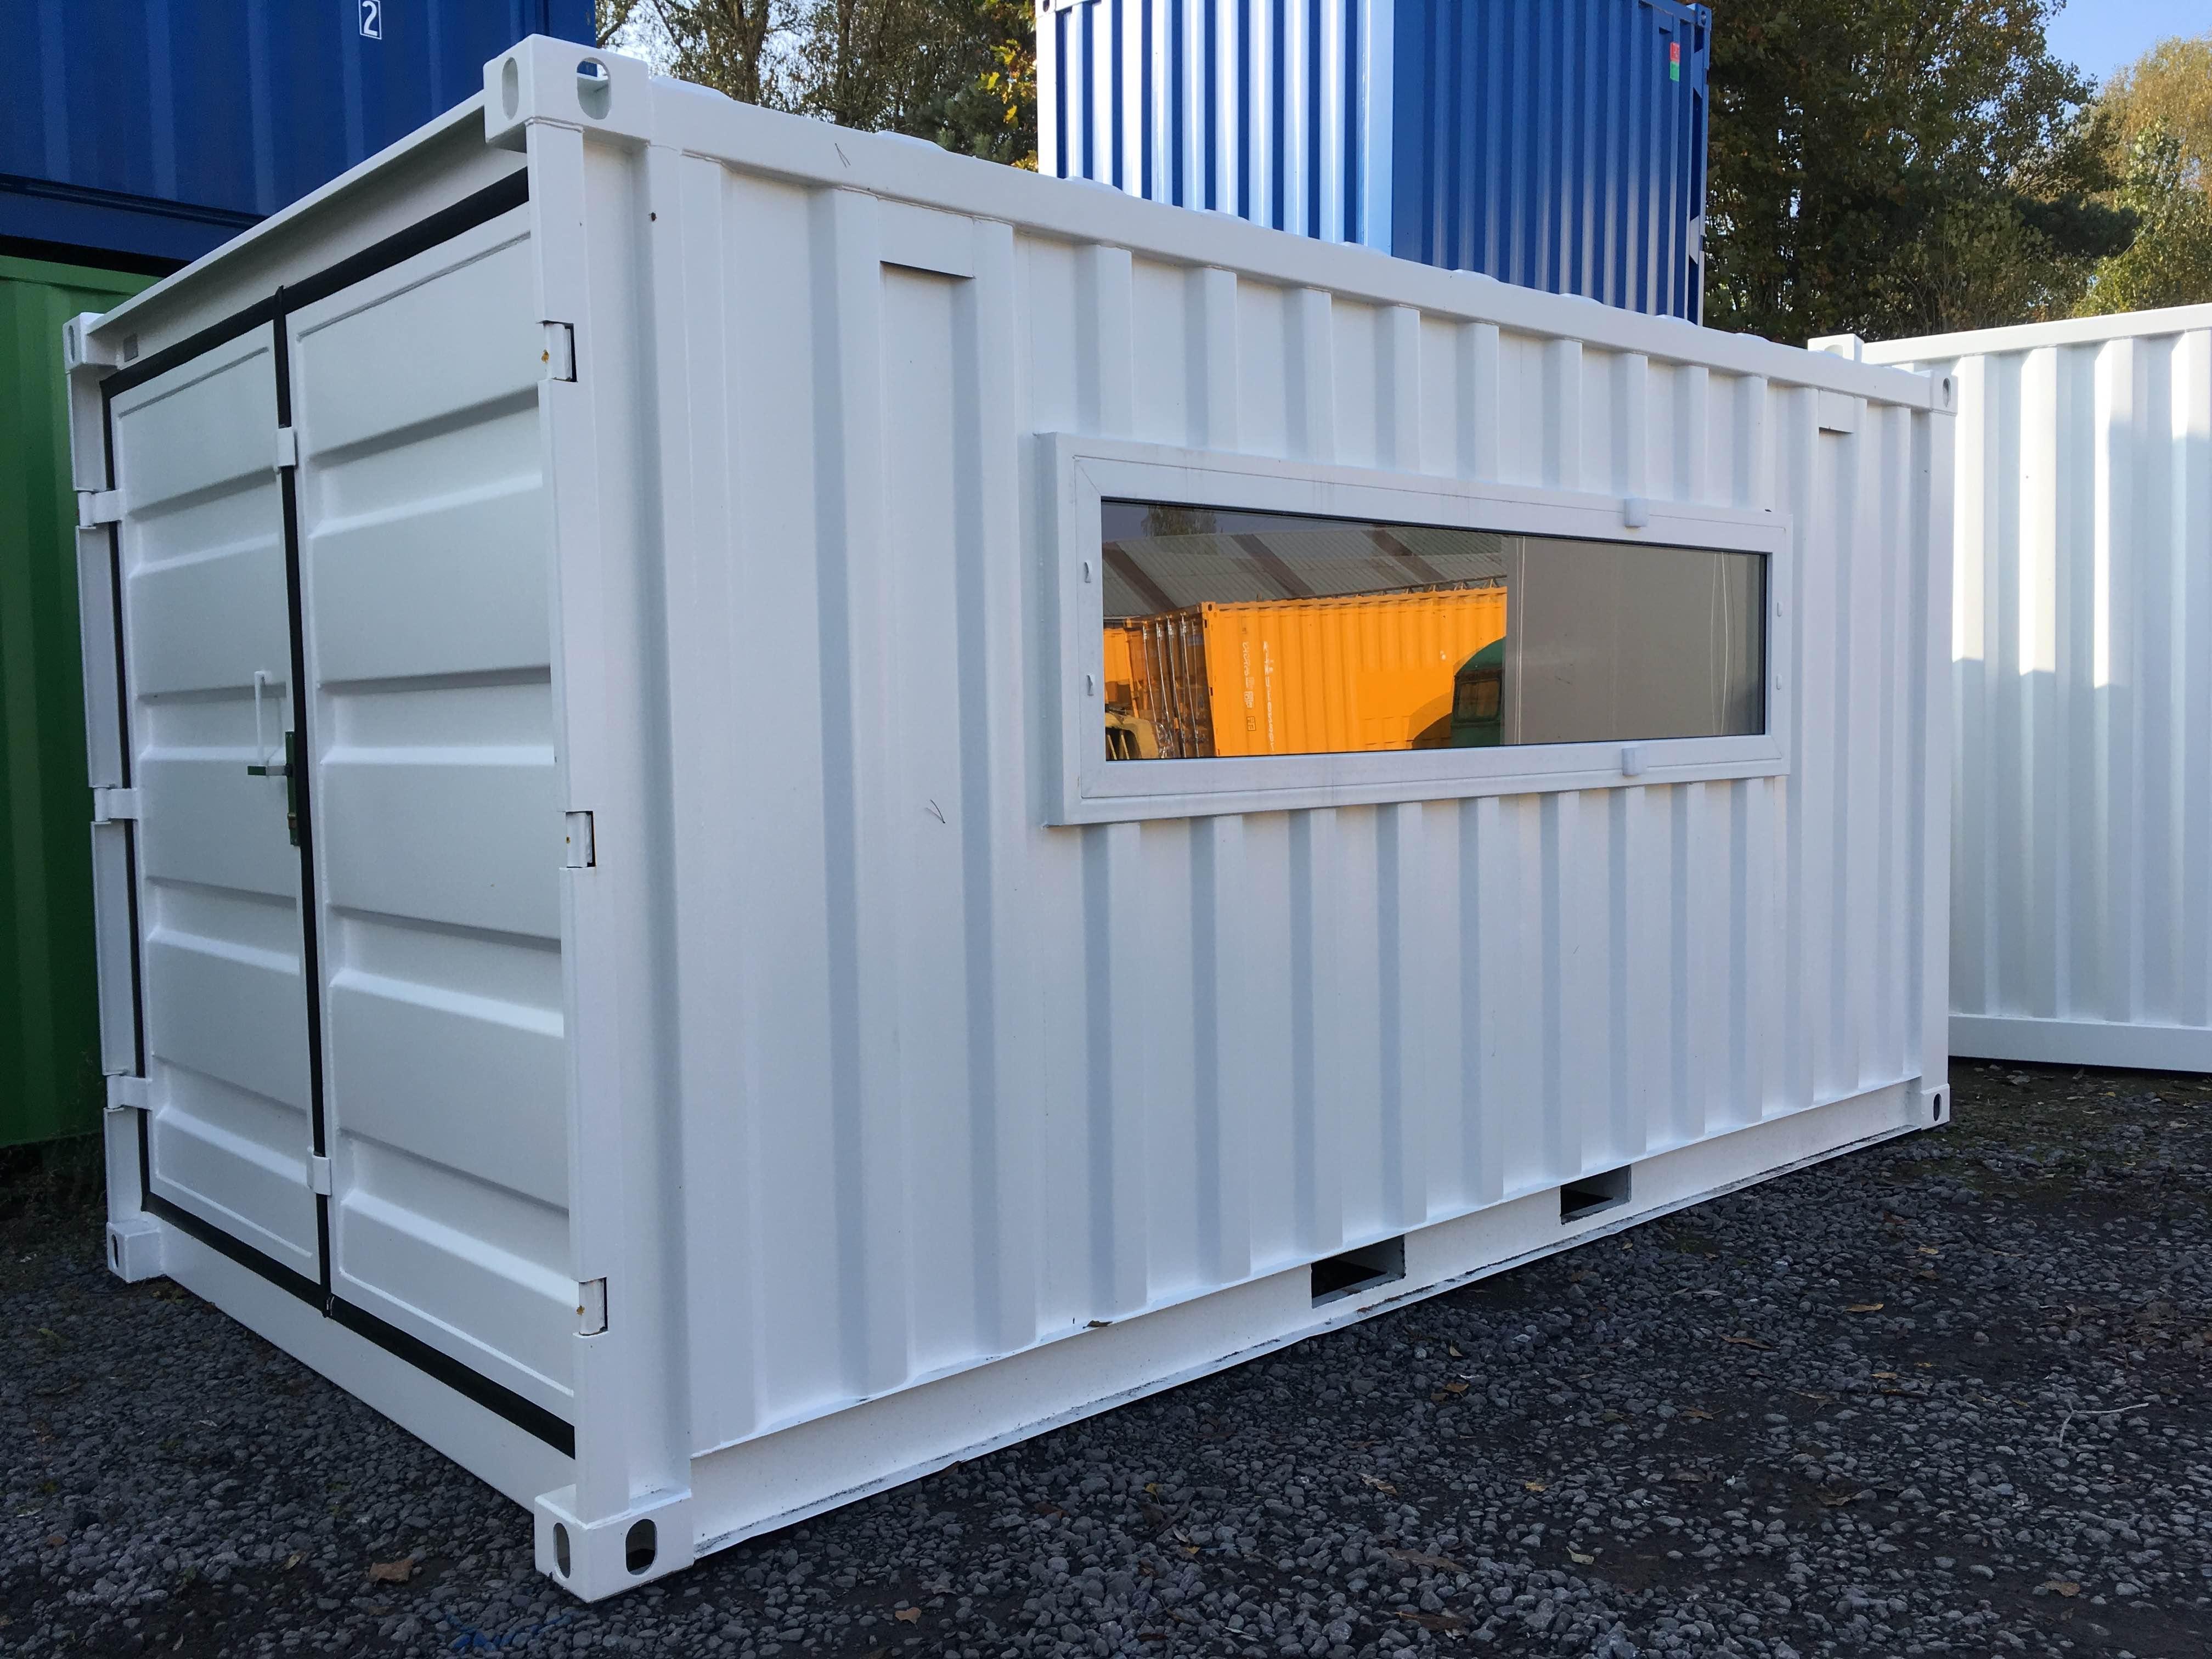 Gartenhaus In Einem Container Referenzen Mechanic International